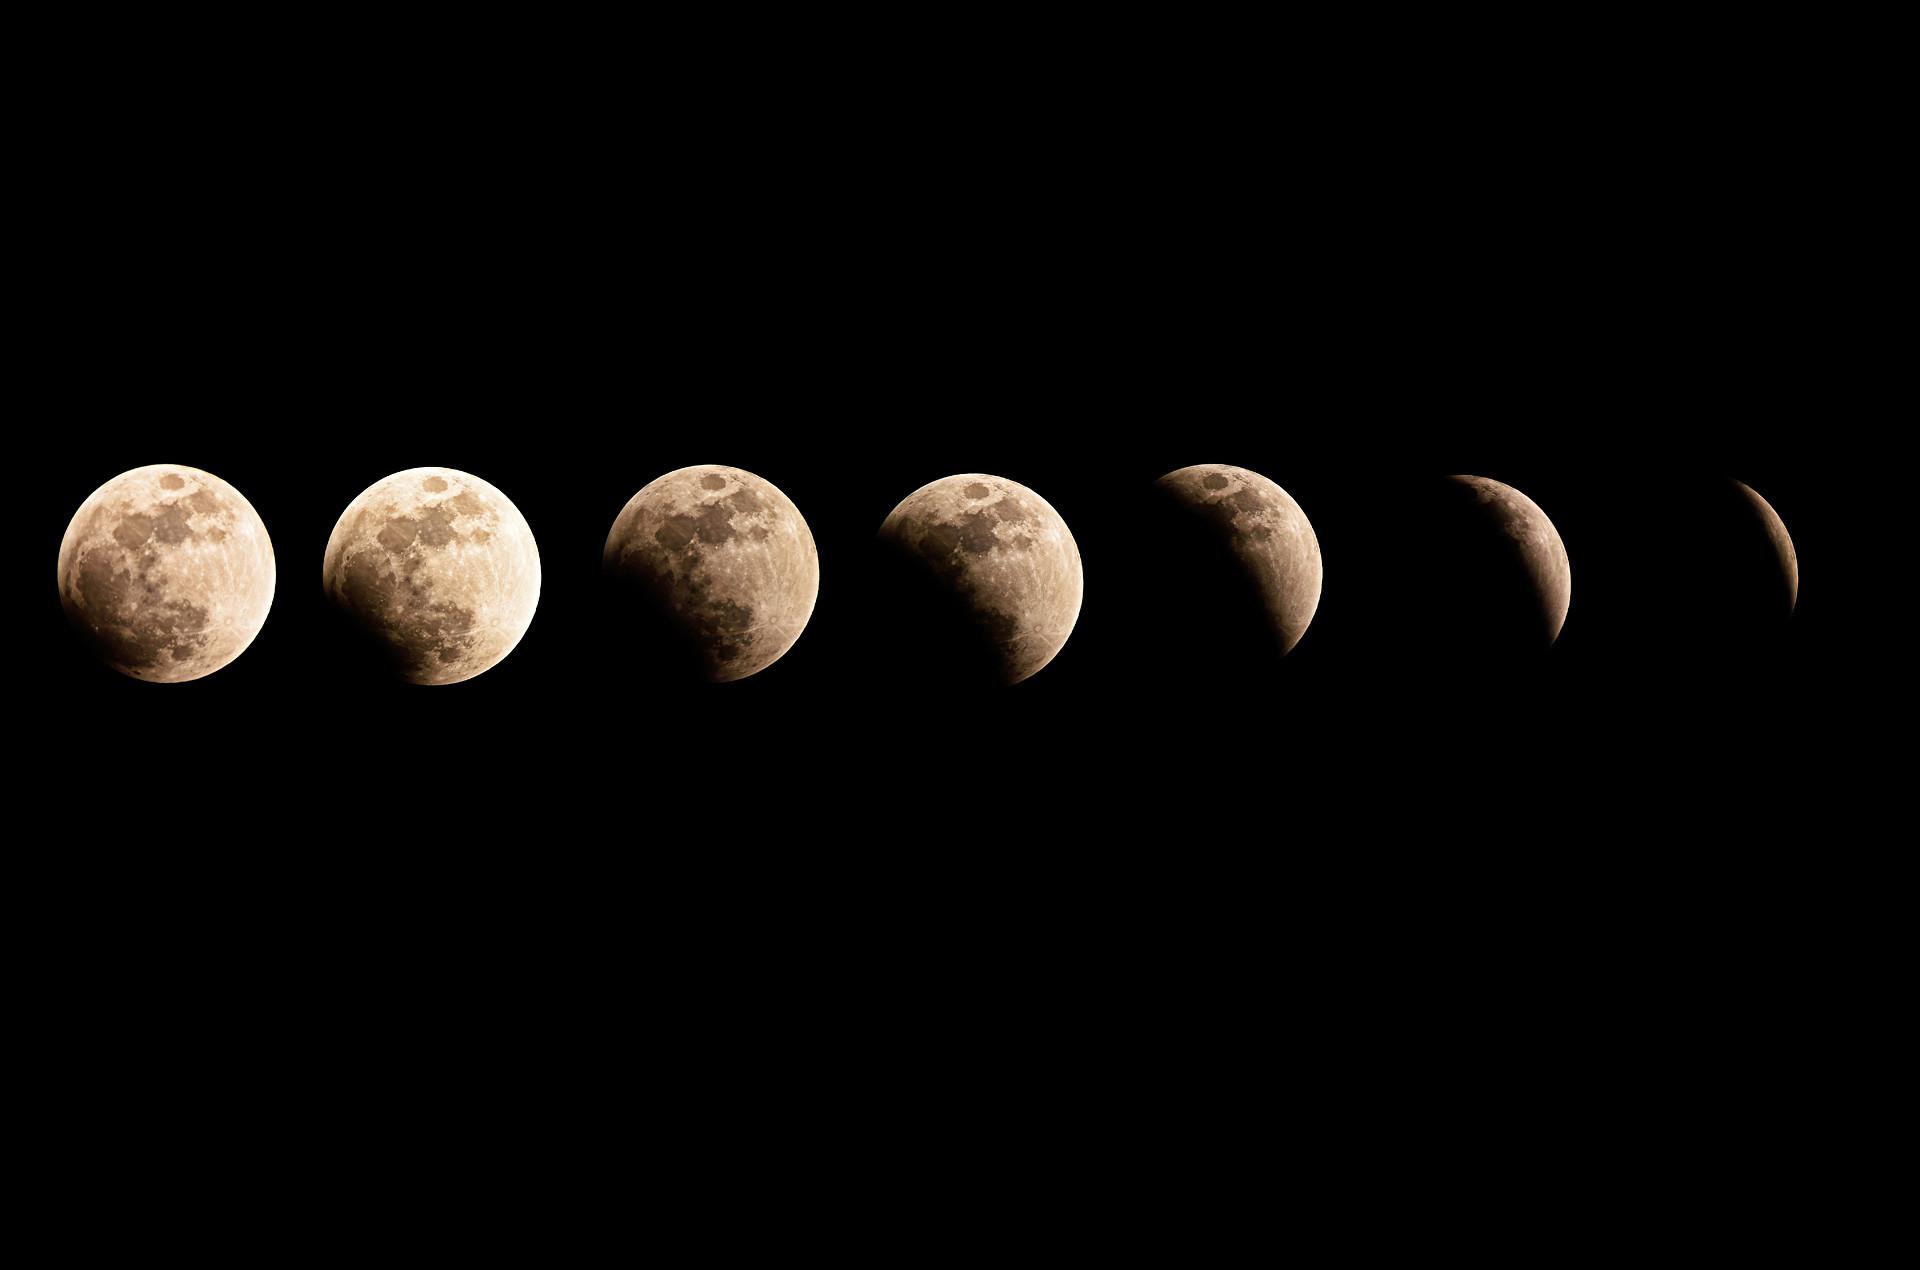 El eclipse lunar de superluna azul no se había visto en el hemisferio oriental desde 1982, mientras que no ocurría en el occidental desde hace 150 años.